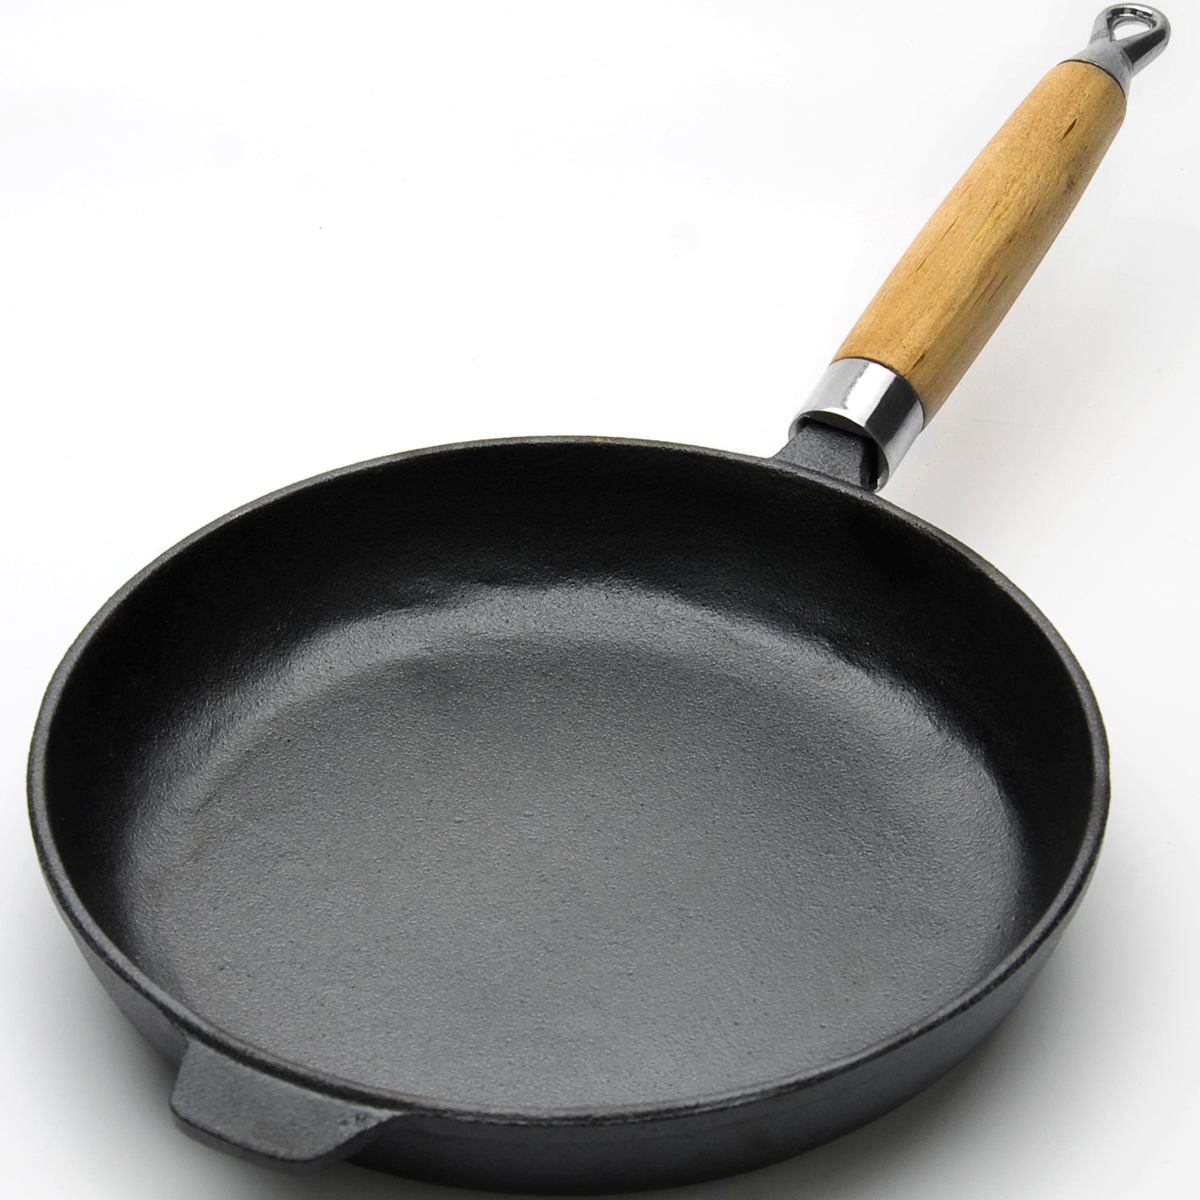 Сковорода MAYER&BOCH изготовлена из чугуна, традиционного высокопрочного и экологически чистого материала. Сковорода идеально подходит для приготовления блинов и других жареных блюд. Высокая теплоемкость чугуна позволяет ему сильно нагреваться и медленно остывать, что обеспечивает равномерное приготовление пищи. Деревянная ручка выполнена из бука. Чугун не вступает в реакцию с пищей в процессе ее приготовления, а стойкое антипригарное покрытие обеспечивает легкое снятие блюда со сковороды. Подходит для использования на всех типах плит, включая индукционные. Подходит для мытья в посудомоечной машине.